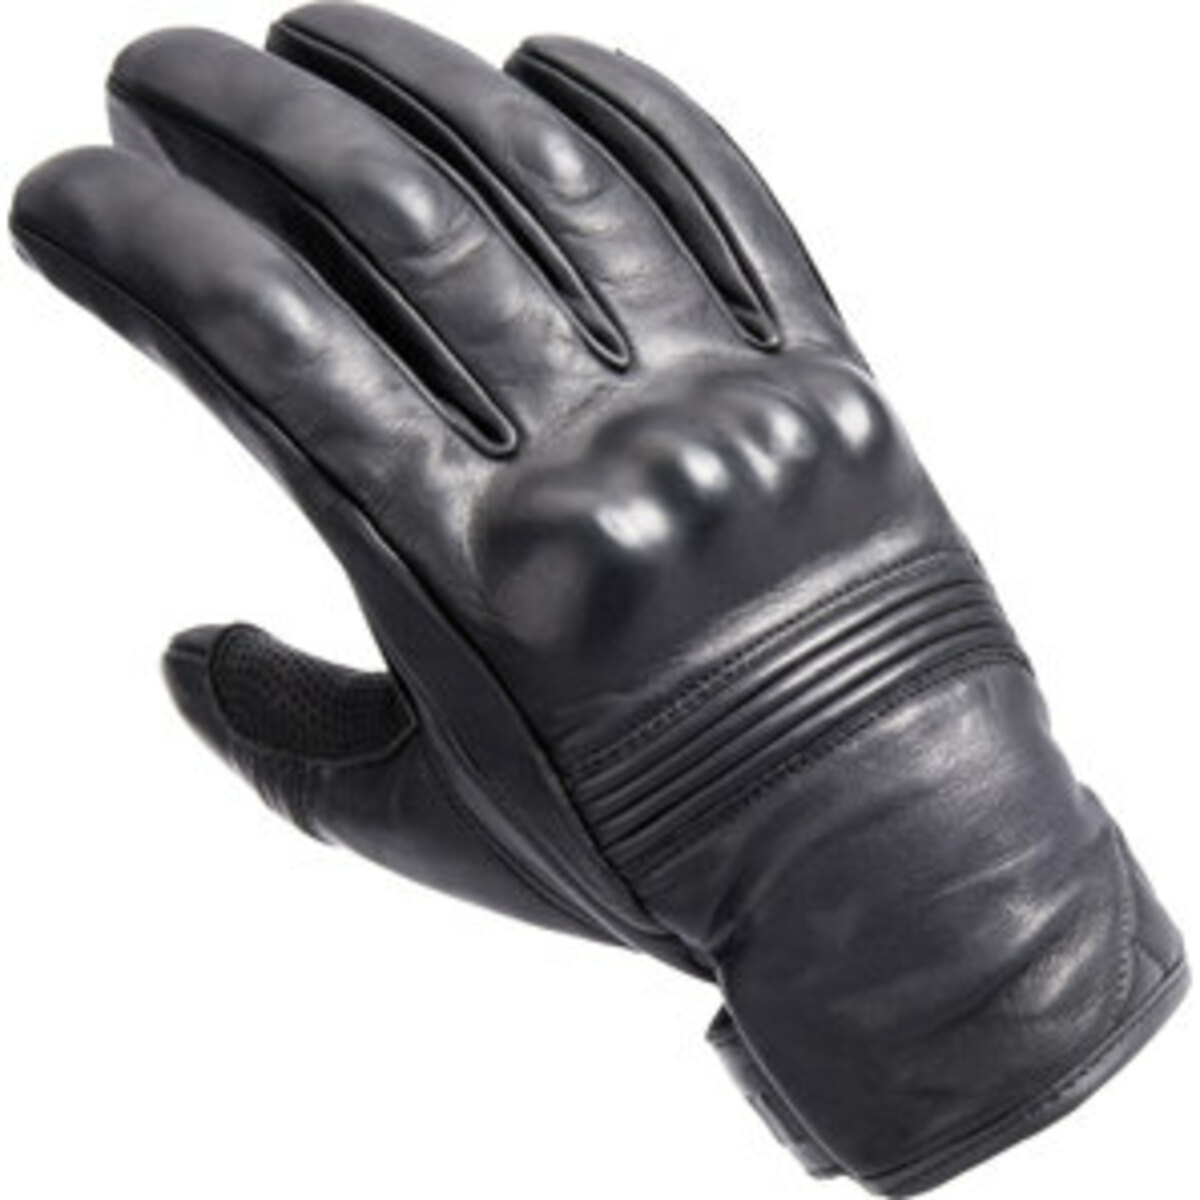 Bild 1 von Highway 1 Sports III Handschuhe